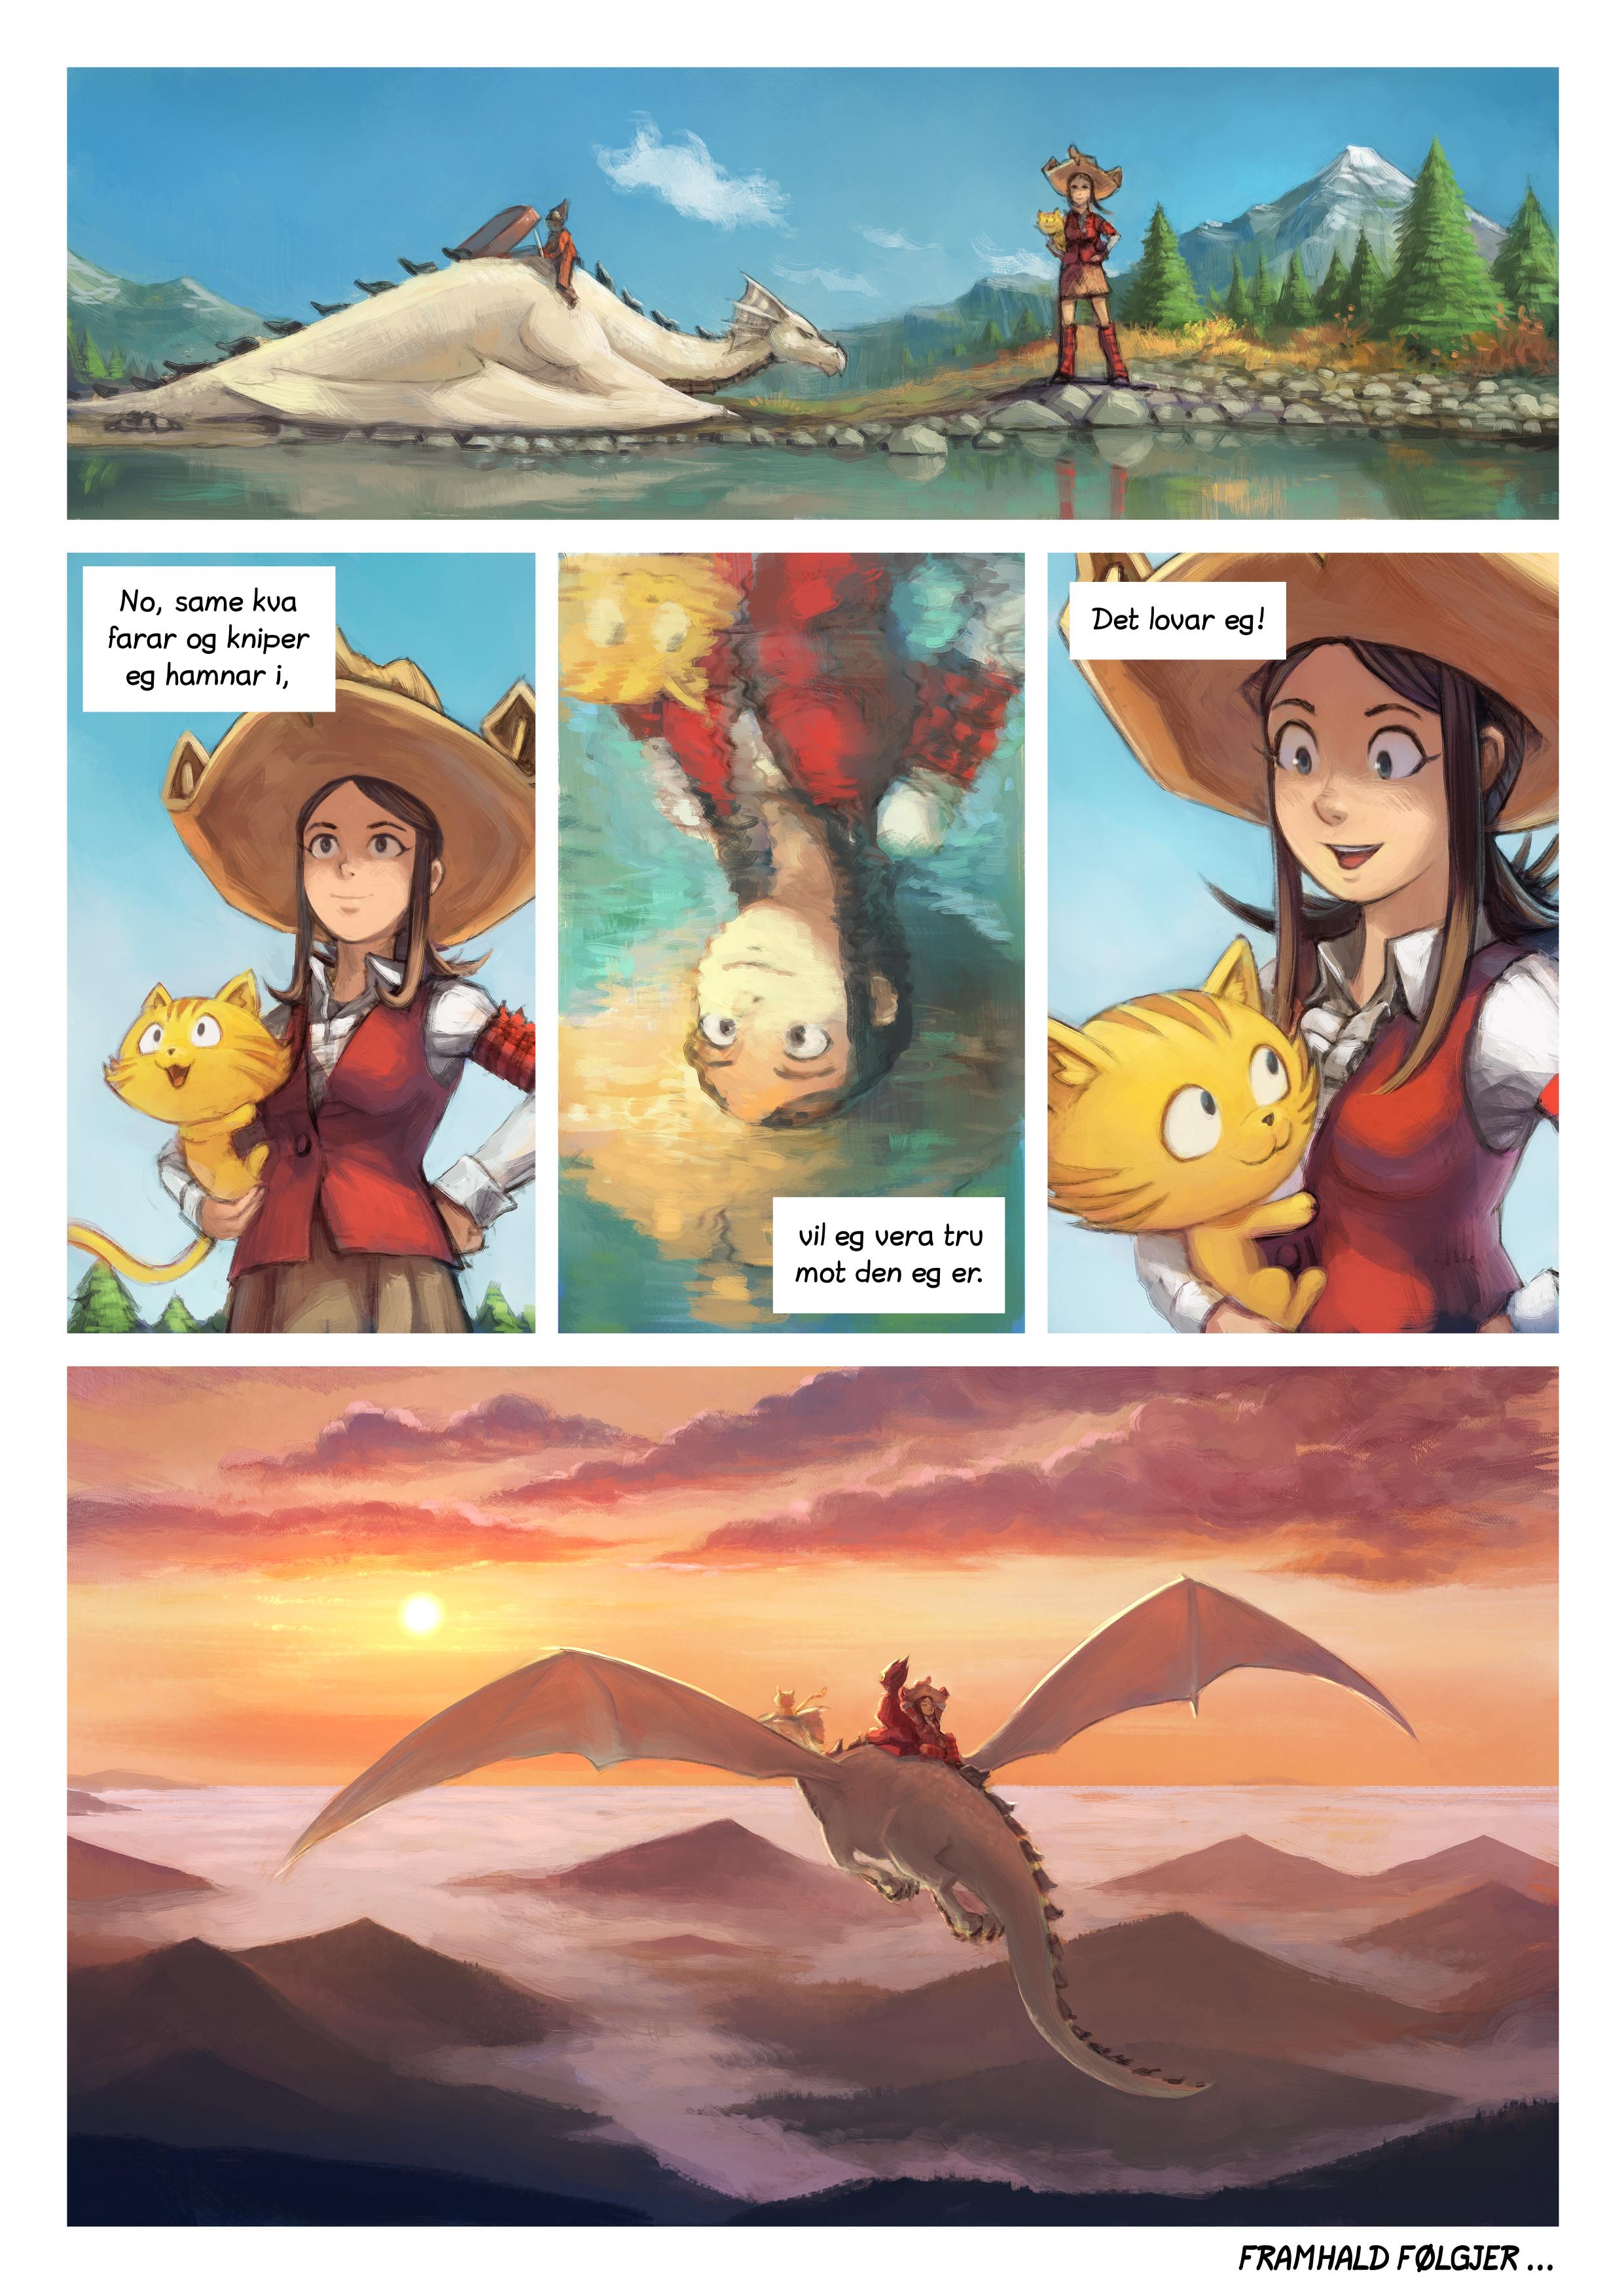 Episode 35: Refleksjonen, Side 12